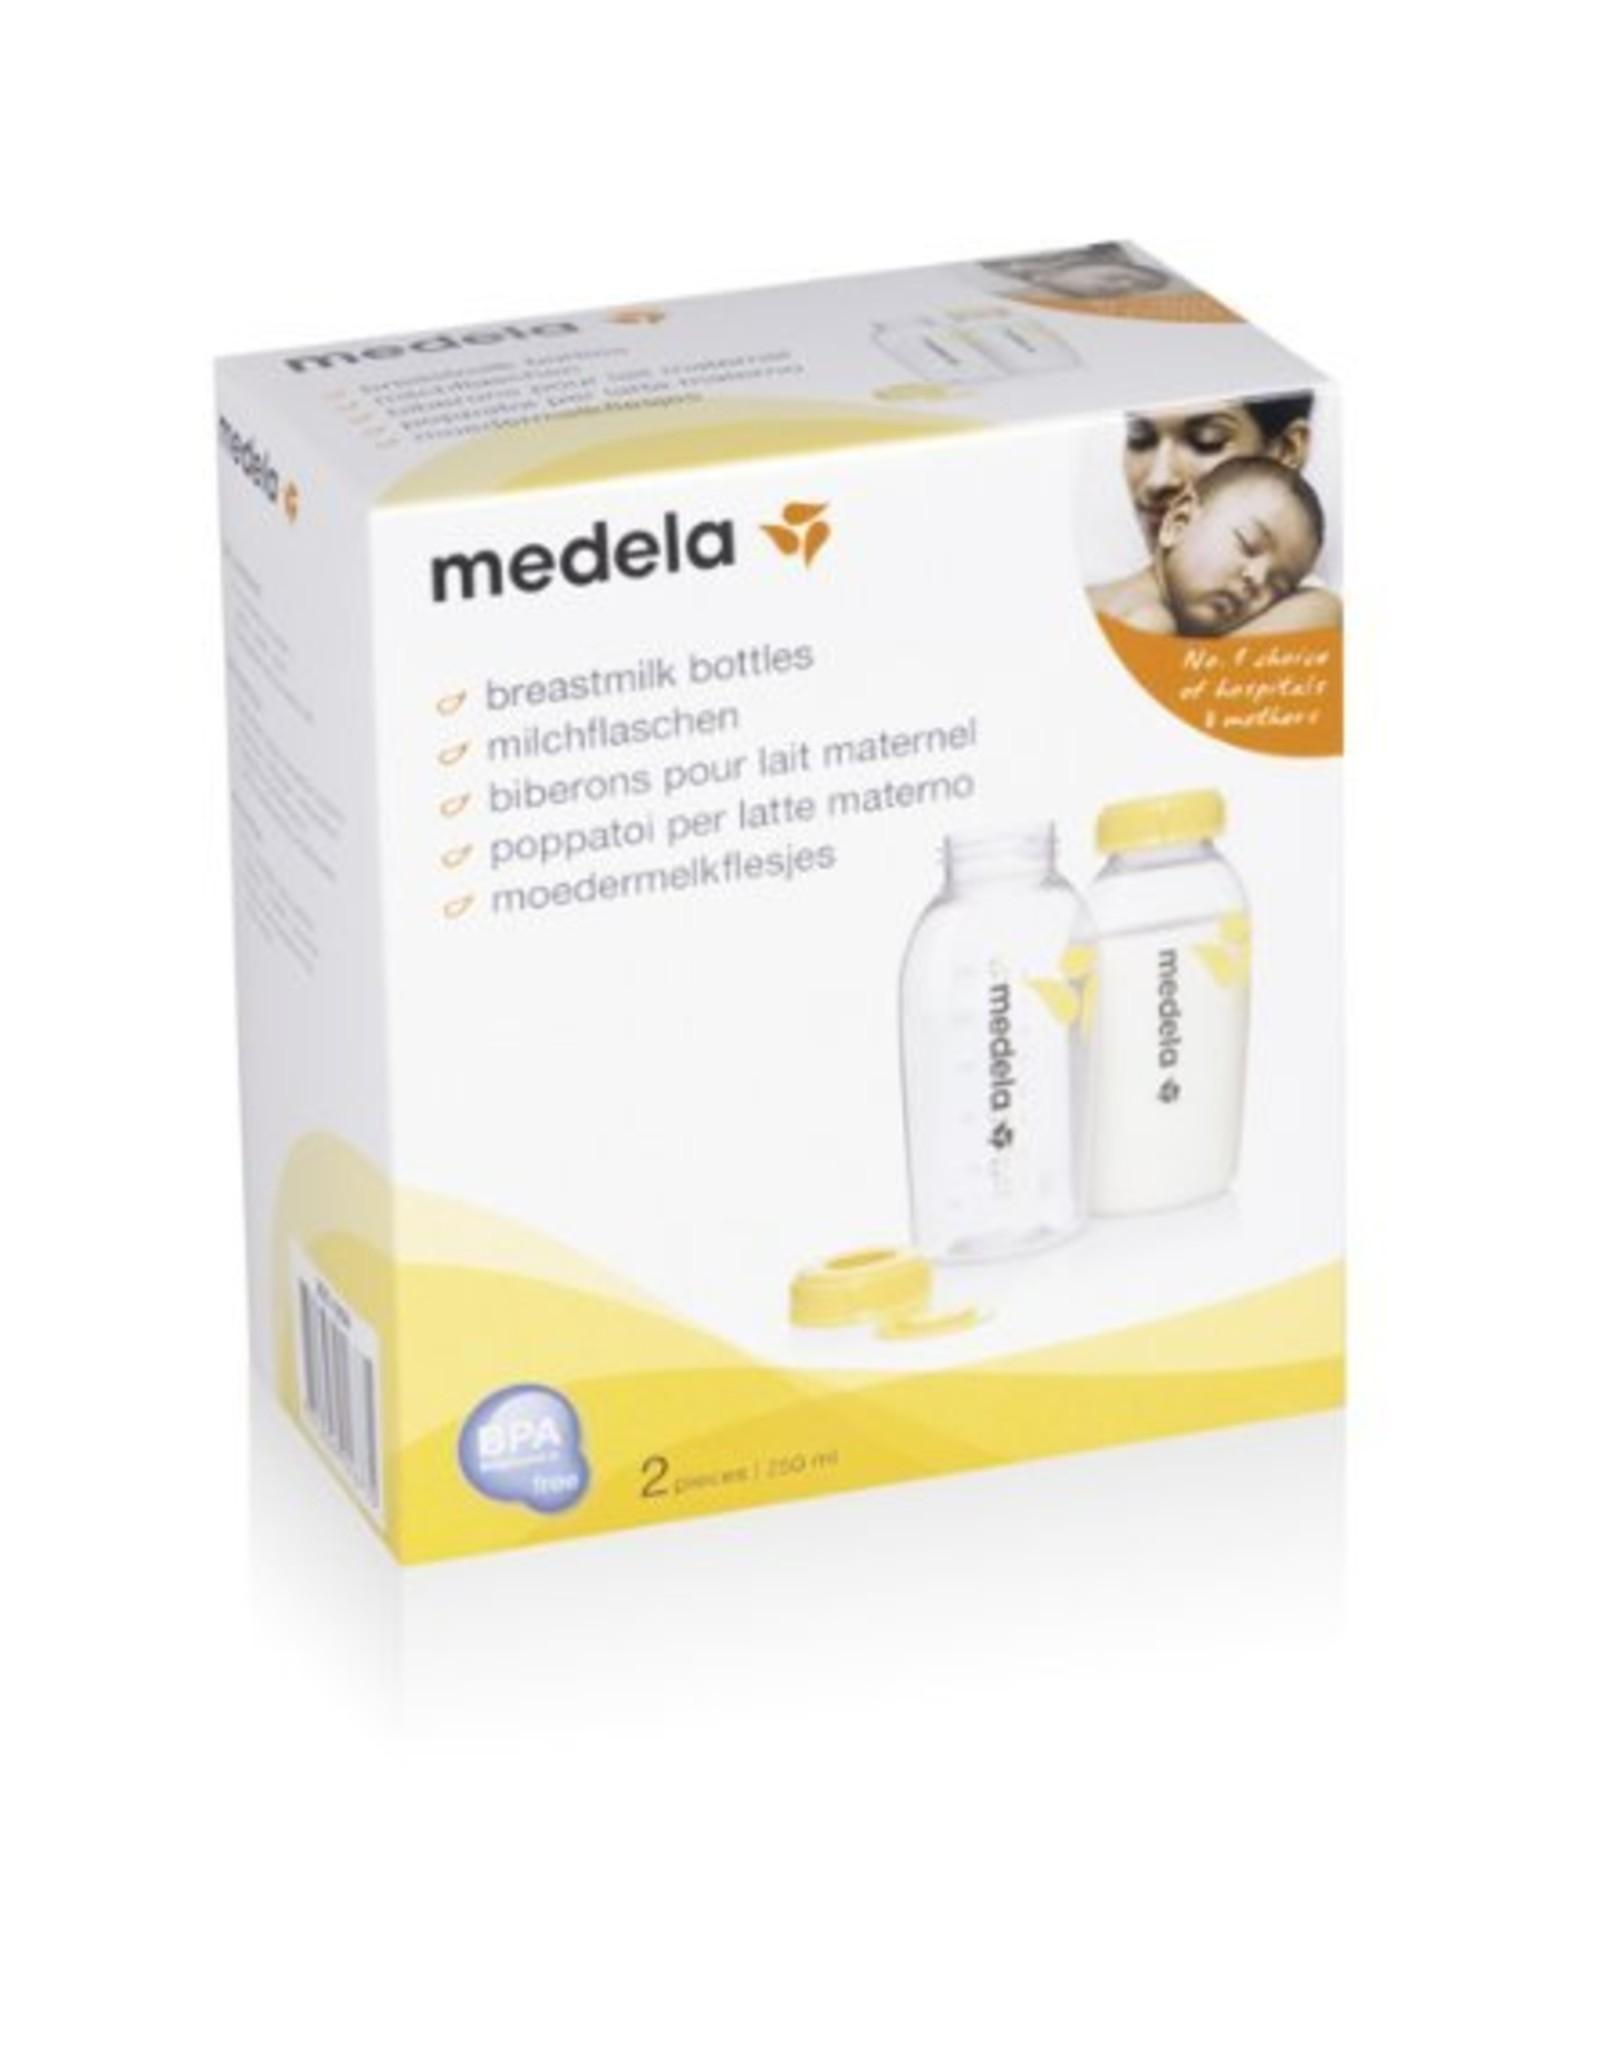 Medela Medela Milchflaschen 250ml, 2er Pack